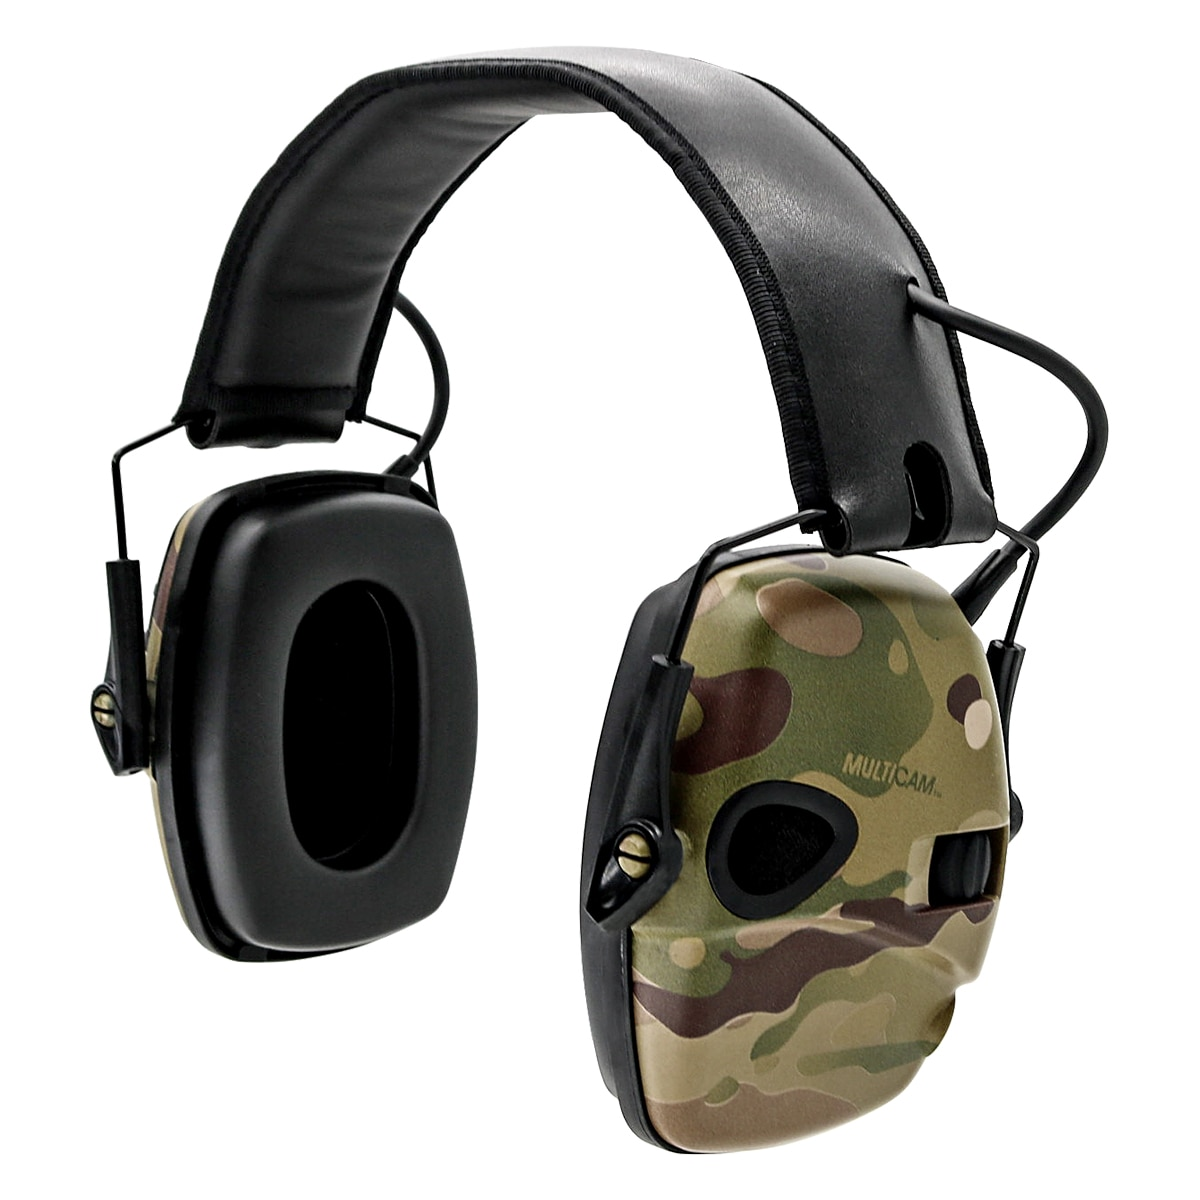 سماعات رأس تكتيكية مموهة متعددة حدبة إلكتروني للأذنين للتصويب أدوات تصيد للأذنين تكتيكية للحد من الضوضاء